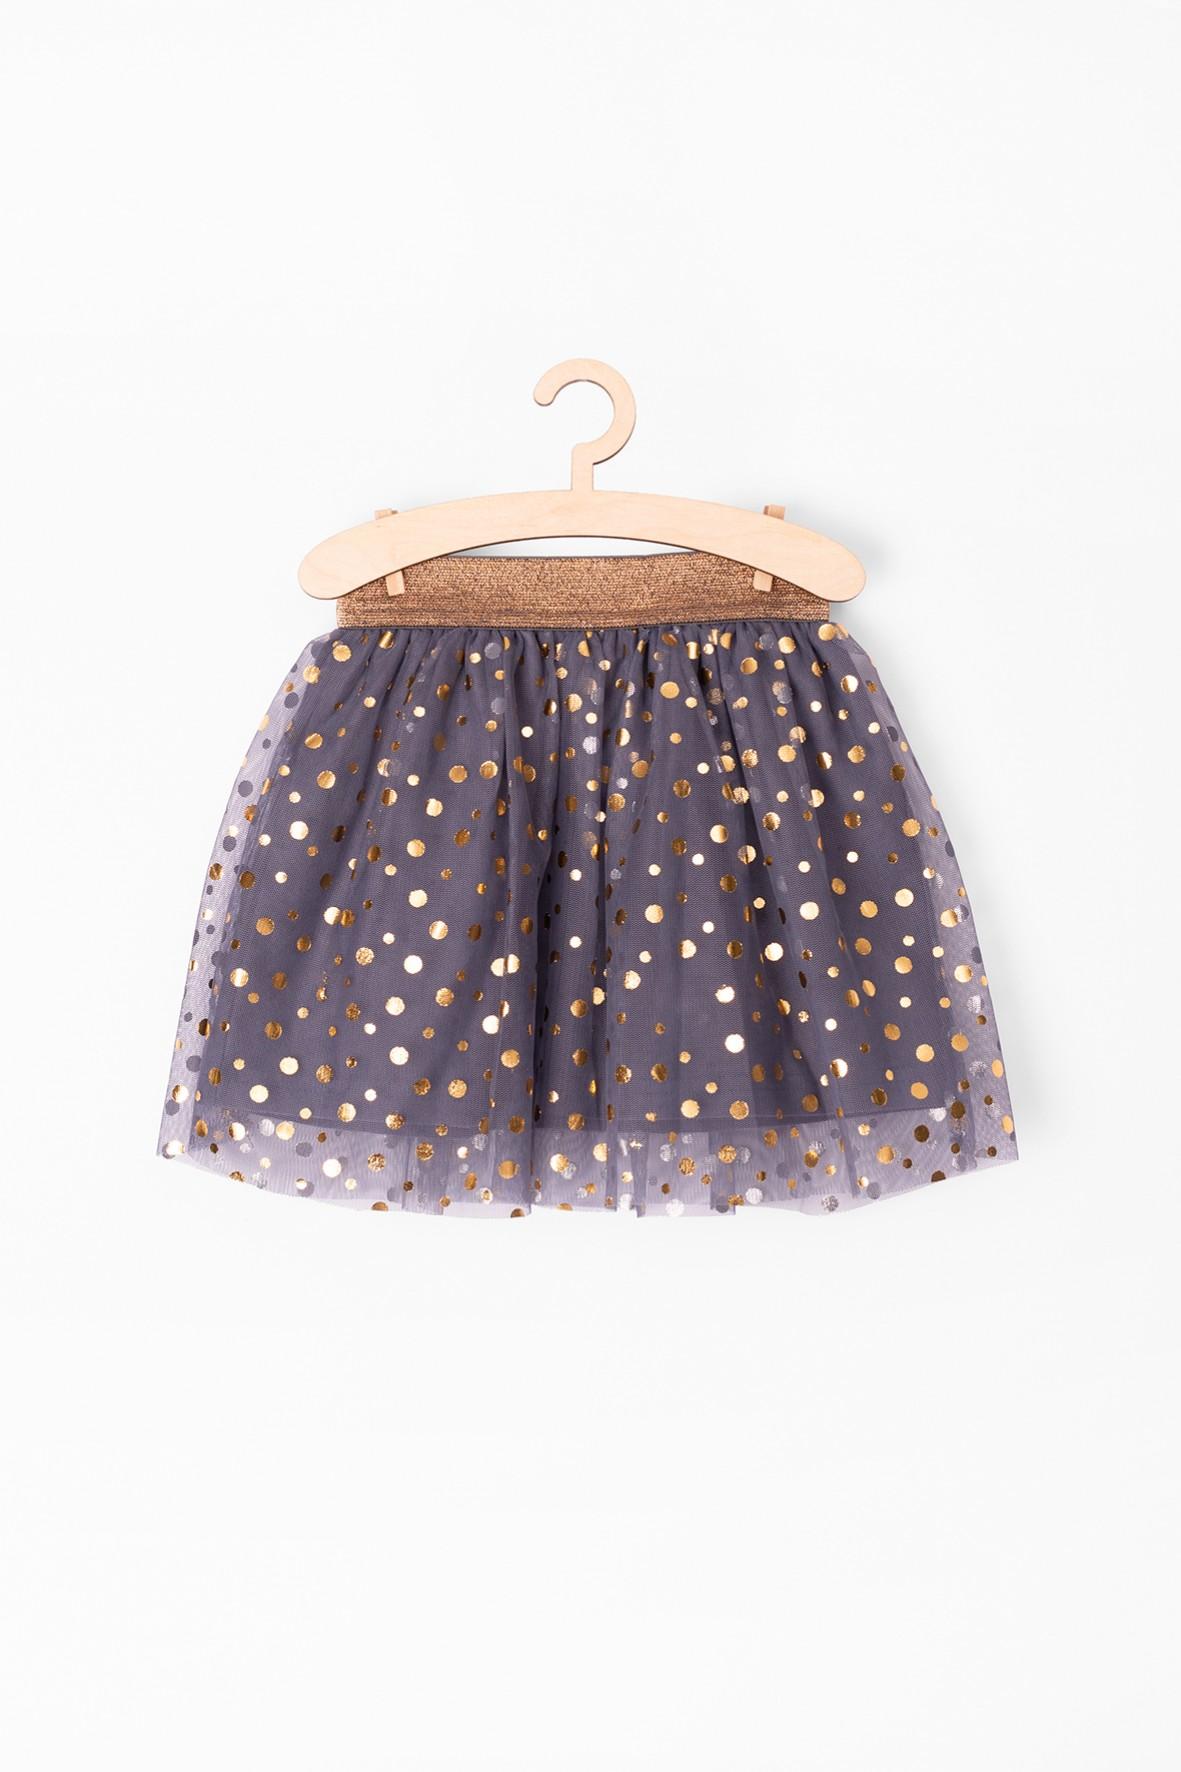 Spódnica tiulowa niemowlęca ze złotymi nadrukami